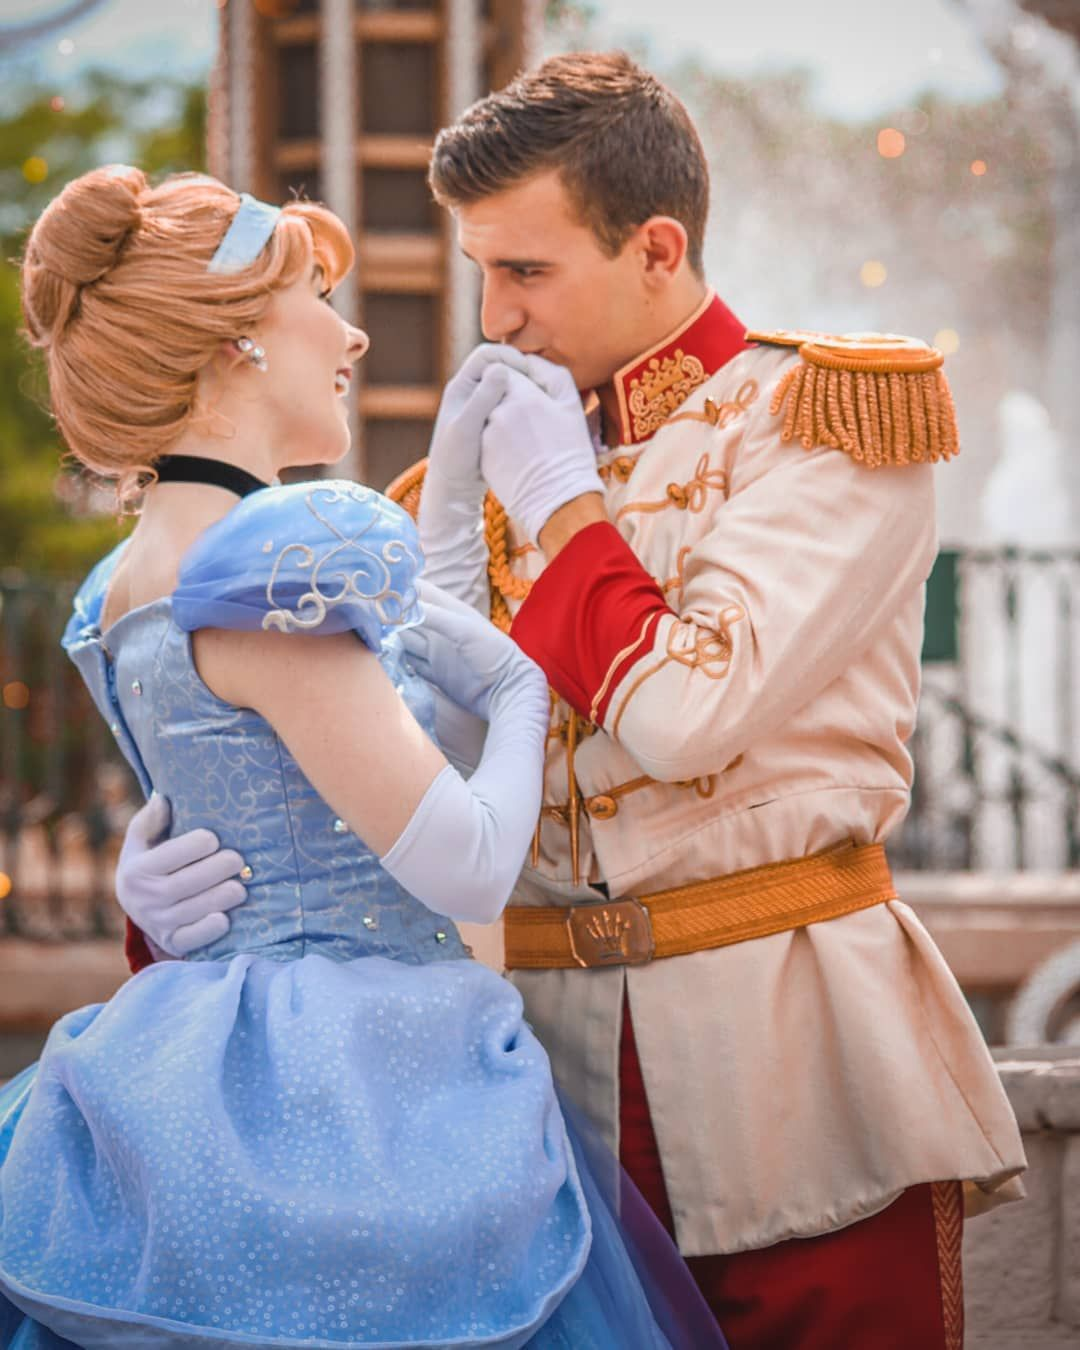 L Image Contient Peut Etre Une Personne Ou Plus Personnes Debout Enfant Disney Princesses And Princes Cinderella And Prince Charming Disney Face Characters